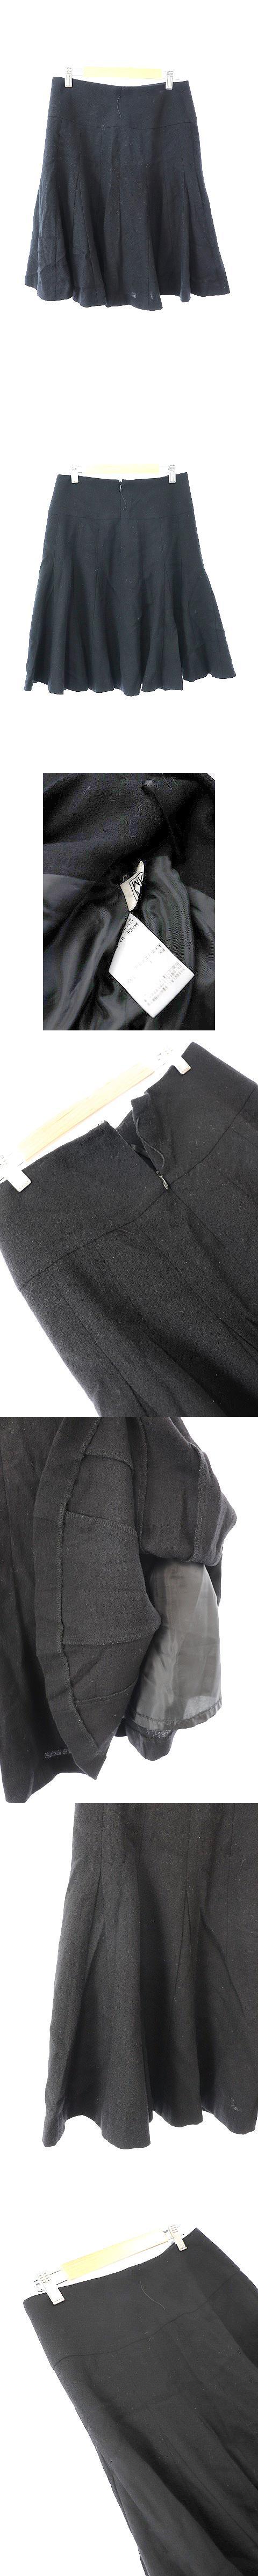 スカート フレアー ひざ丈 ウール 38 黒 ブラック /JN25